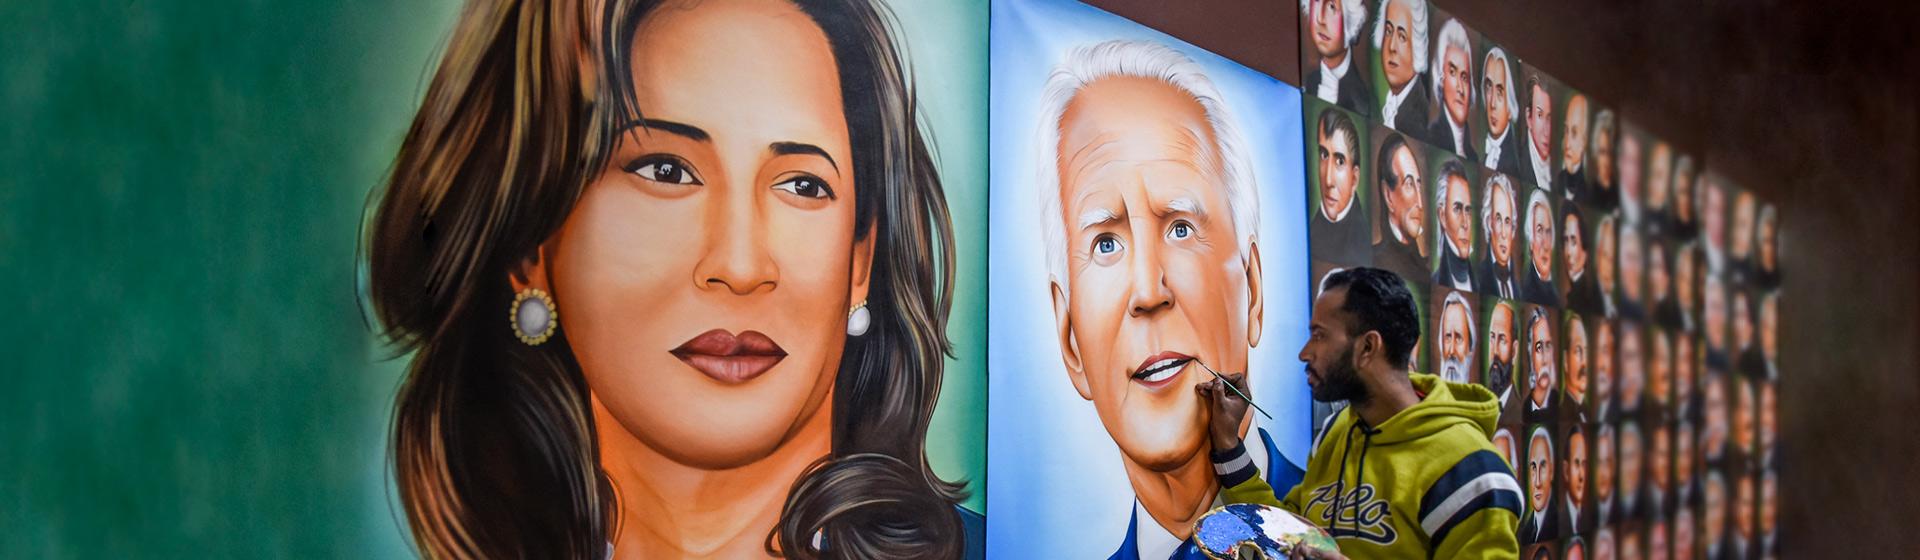 Hombre pinta un mural de Joe Biden, nuevo presidente de Estados Unidos y Kamala Harris, nueva vicepresidenta.